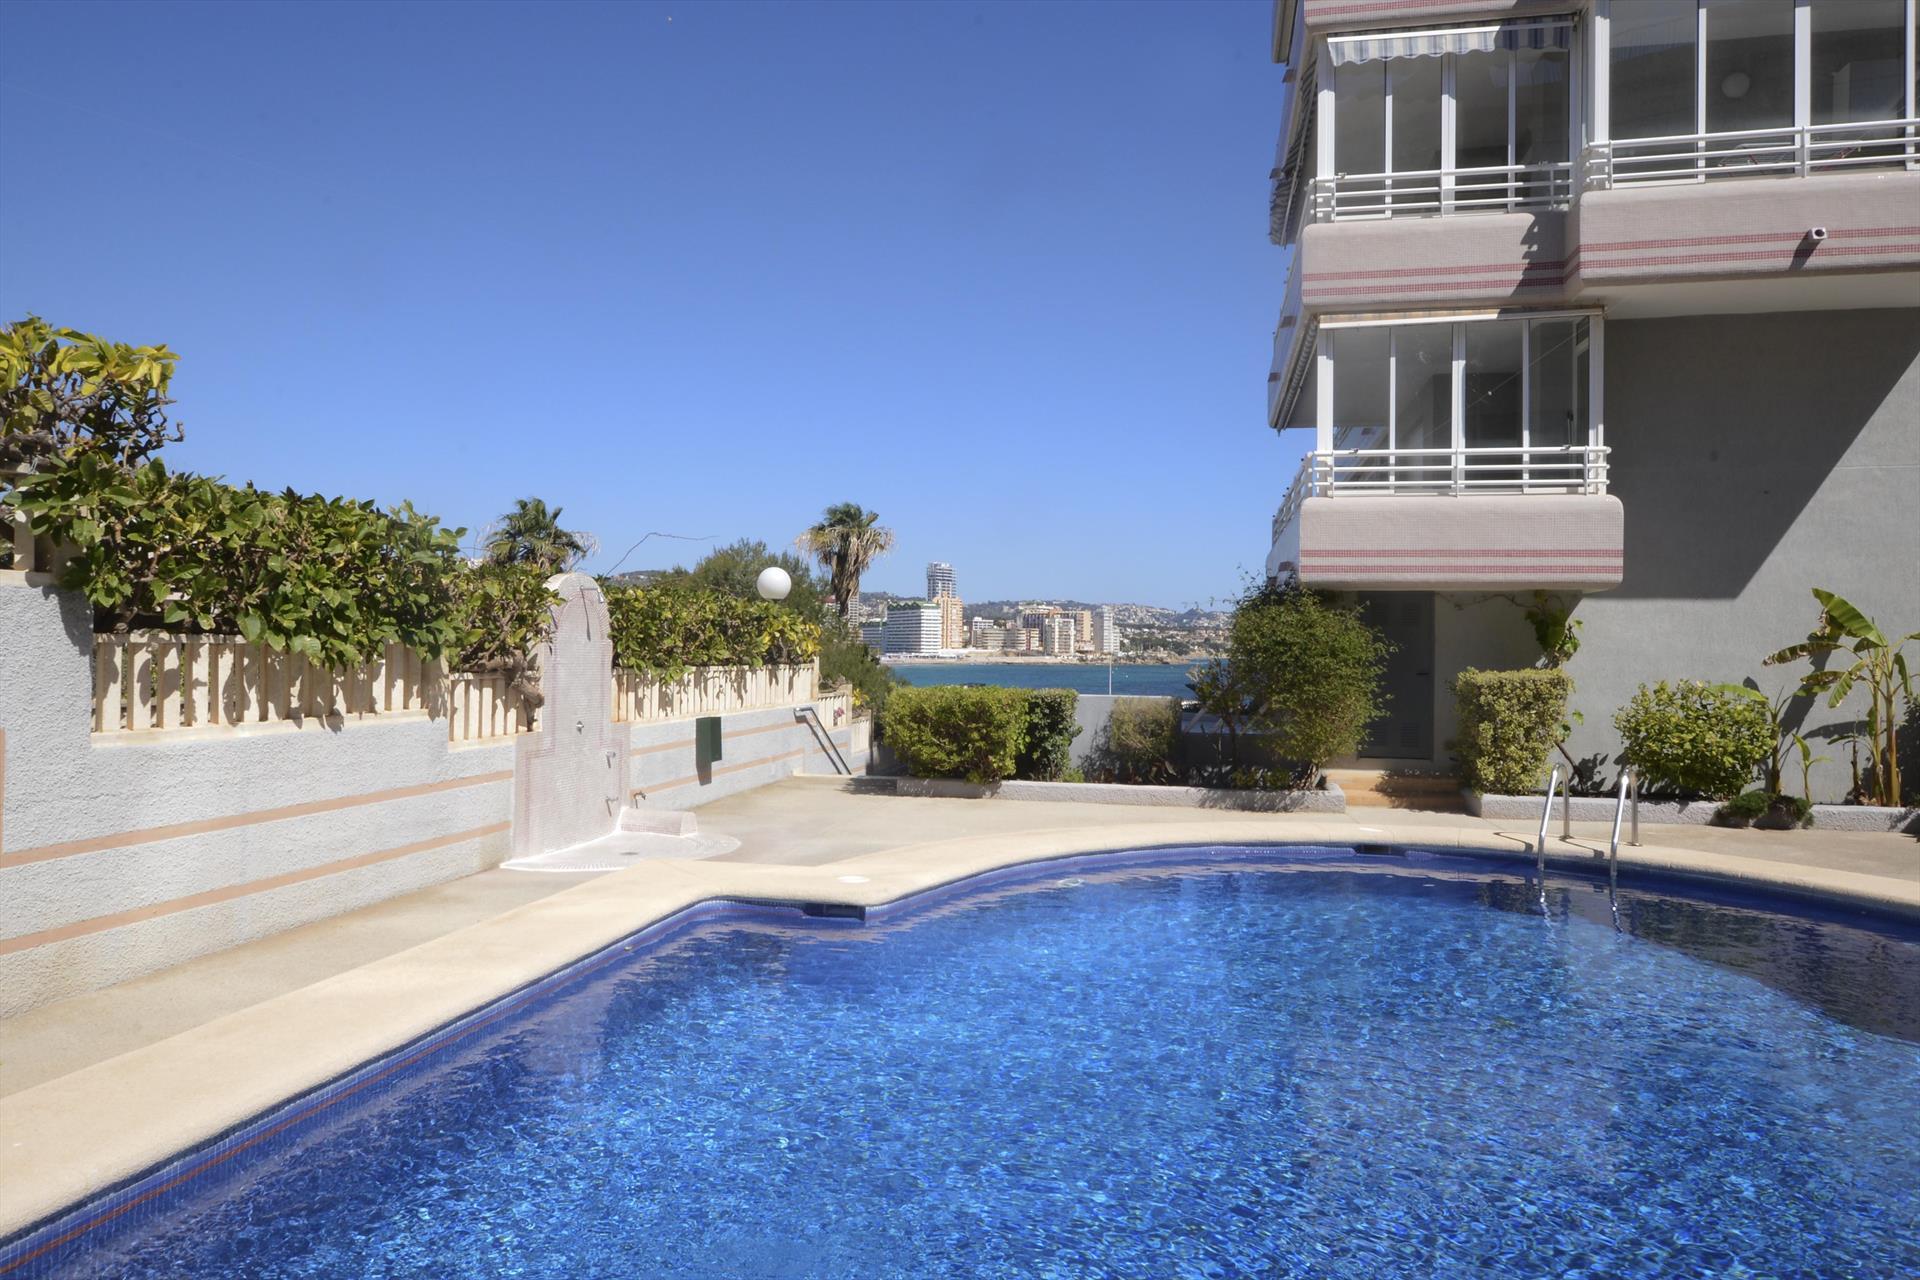 Apartamento Bahia Mar 3A,Appartement à Calpe, sur la Costa Blanca, Espagne  avec piscine communale pour 6 personnes.....